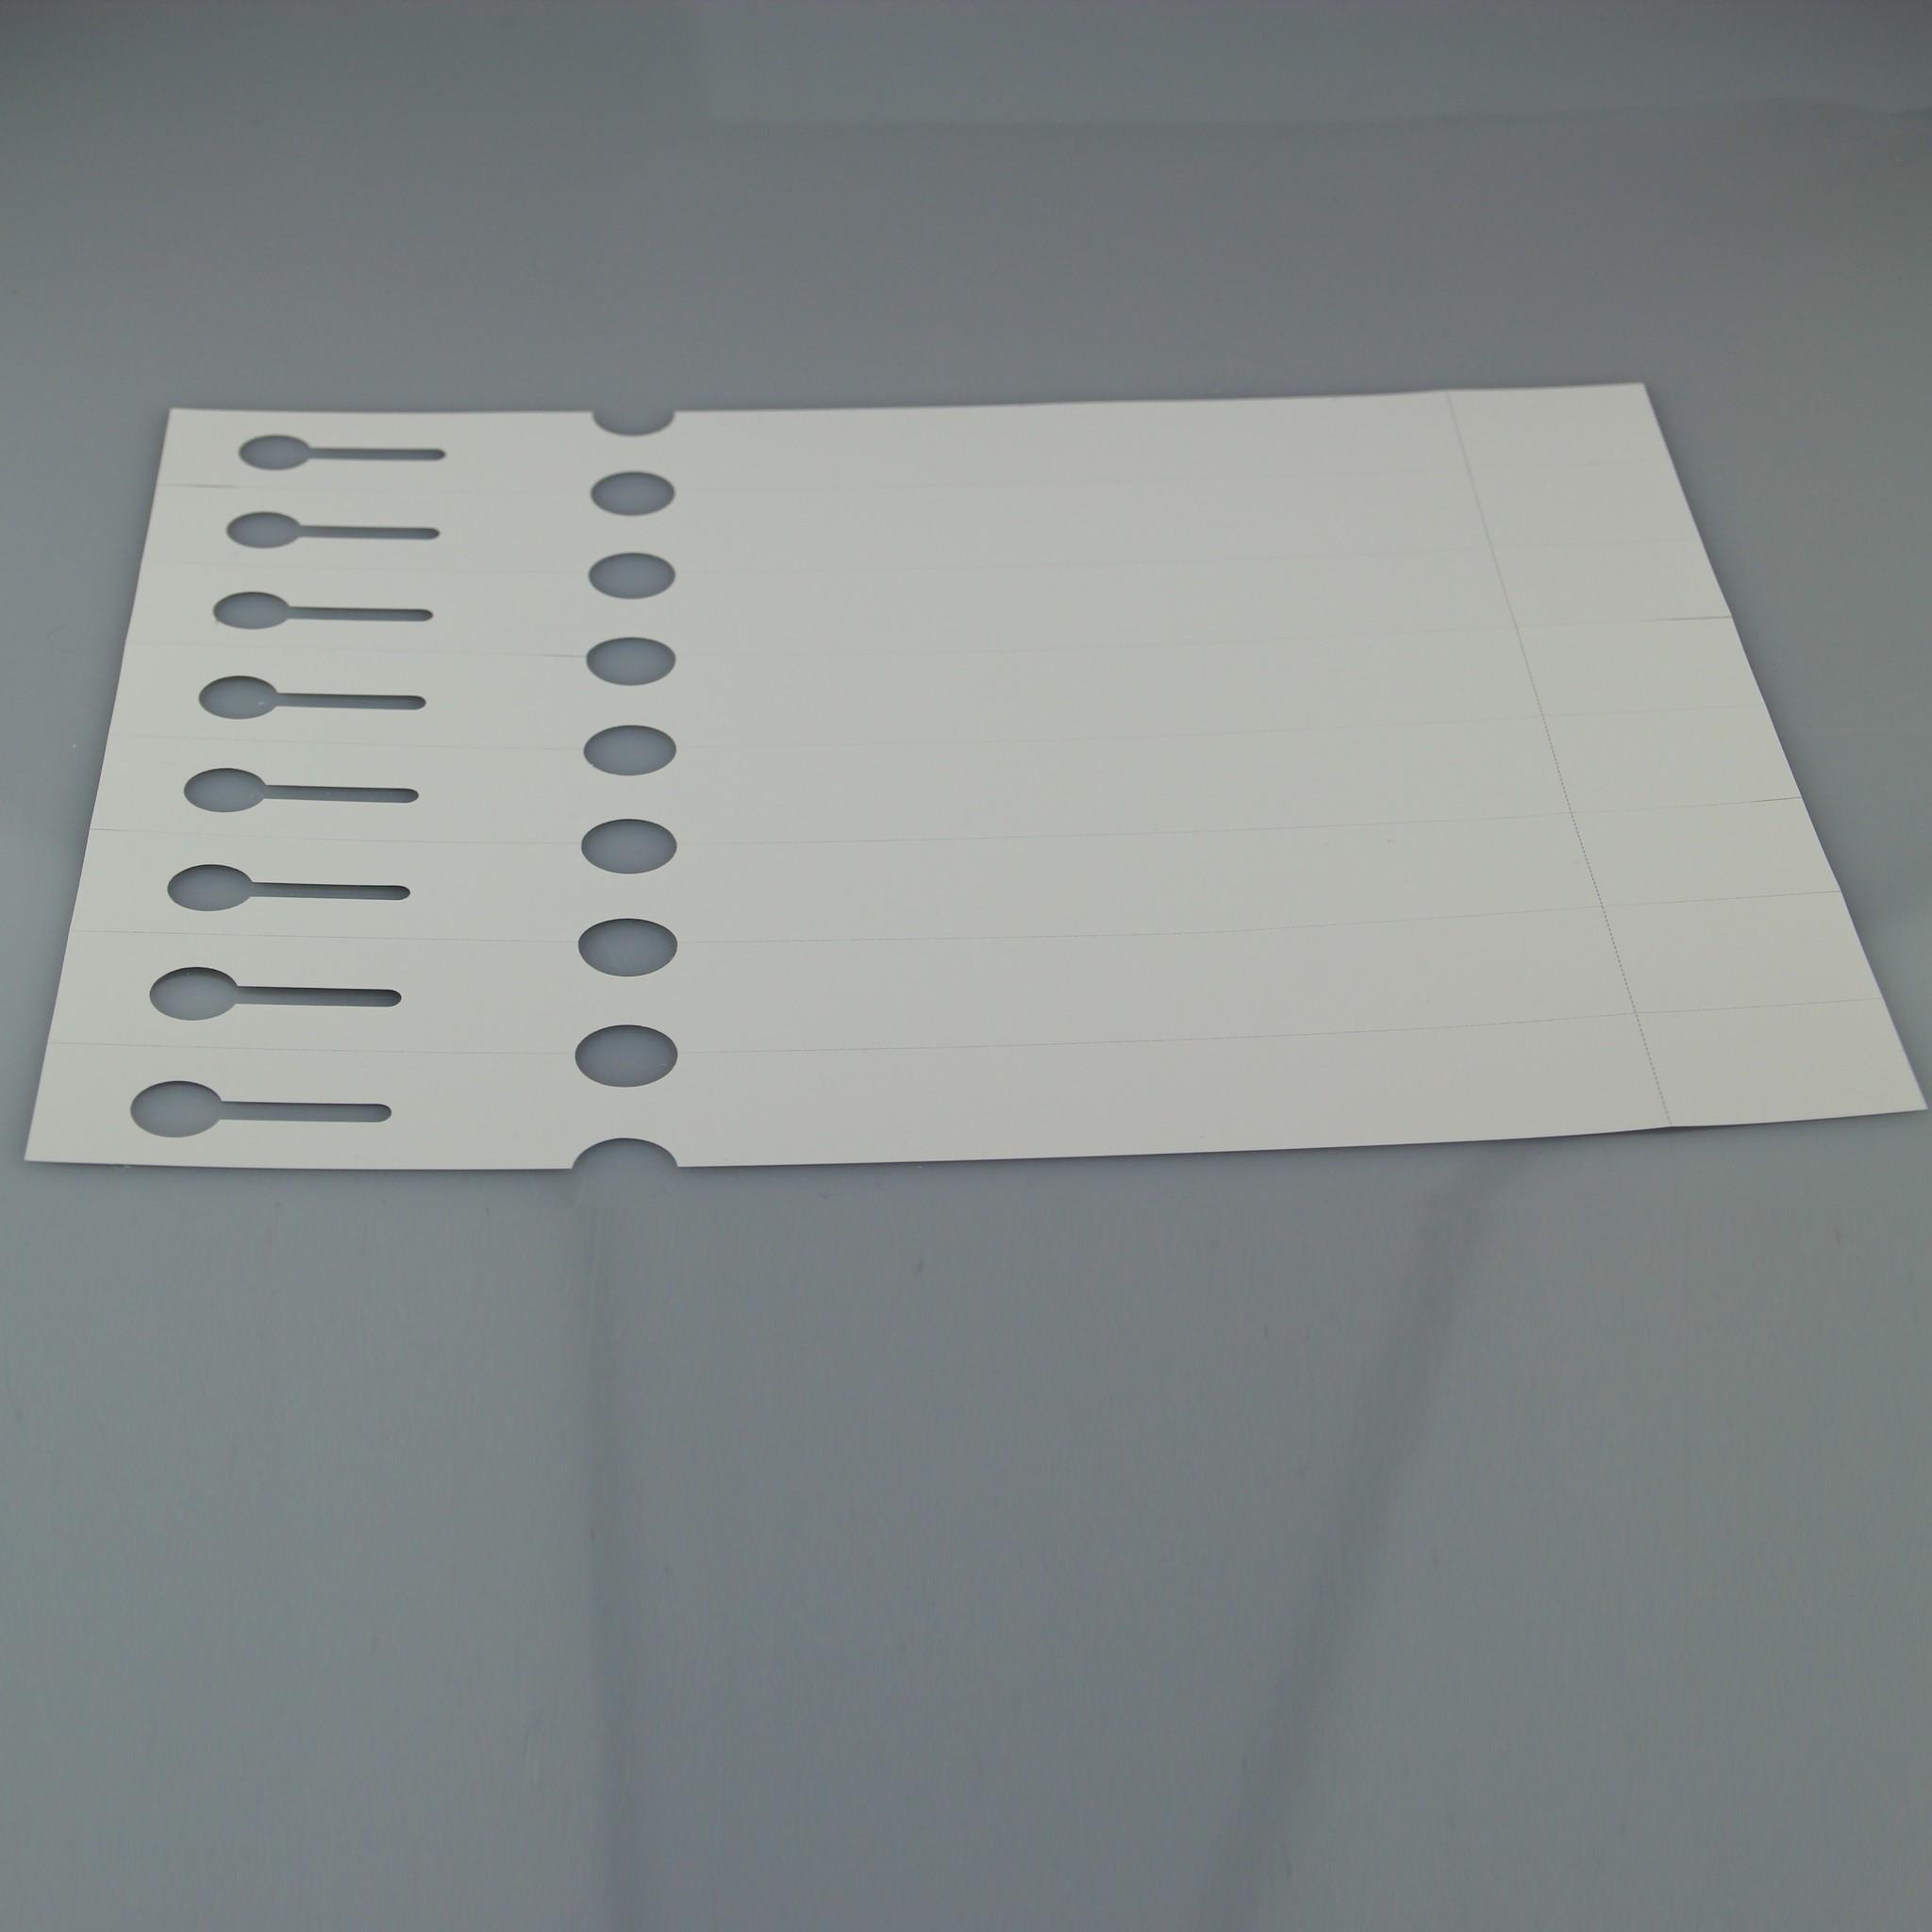 CombiCraft 2000 Sleufetiketten voor de Laserprinter, 8 etiketten per vel, prijs per 2000 sleufetiketten v.a.